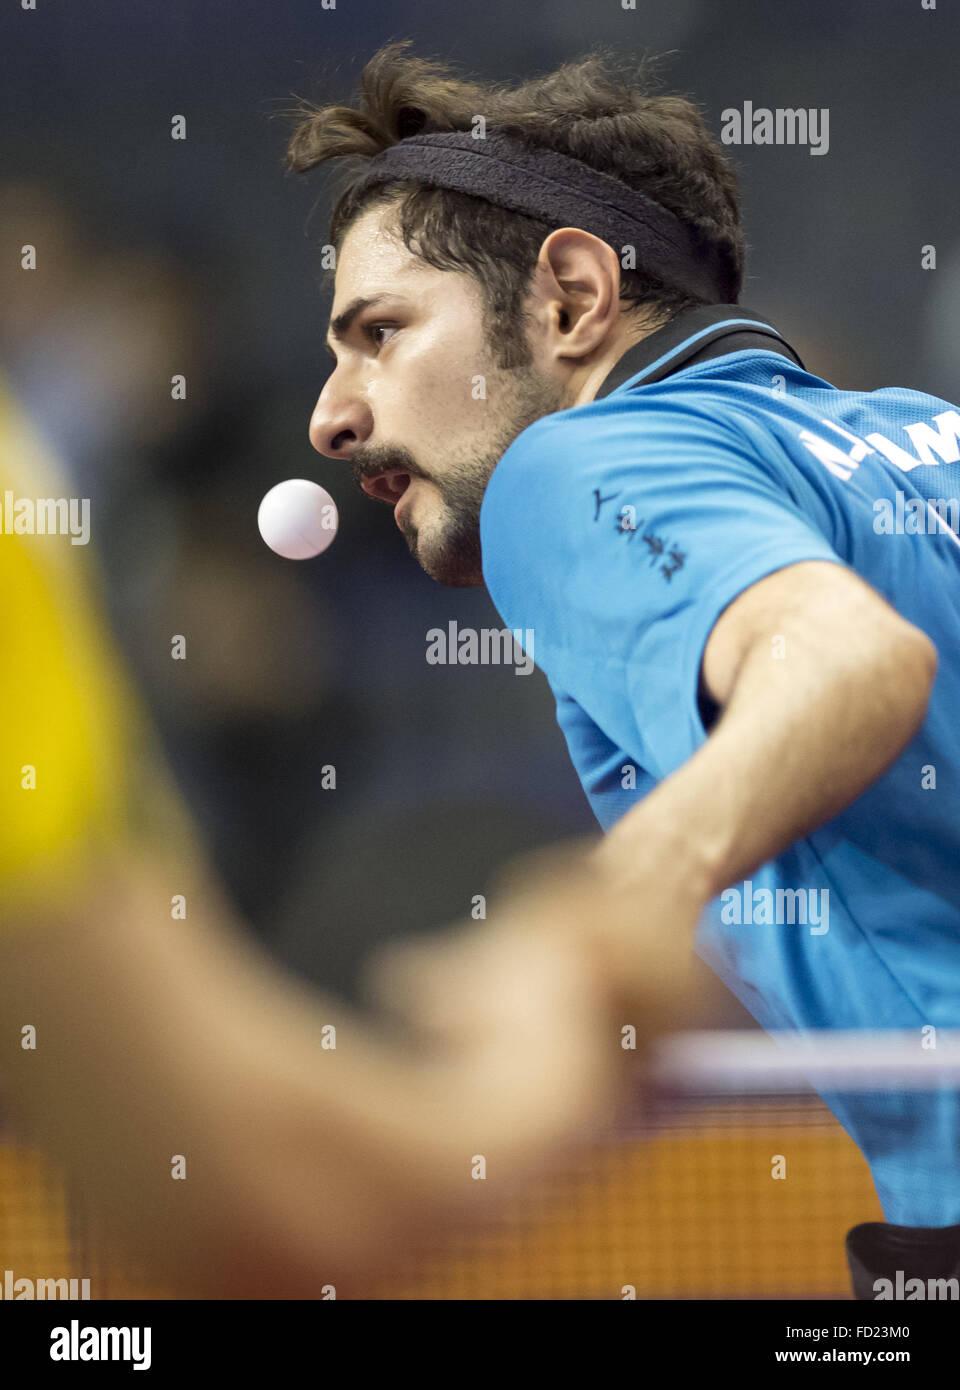 Schreiner Berlin frane kojic of croatia plays against schreiner from germany during